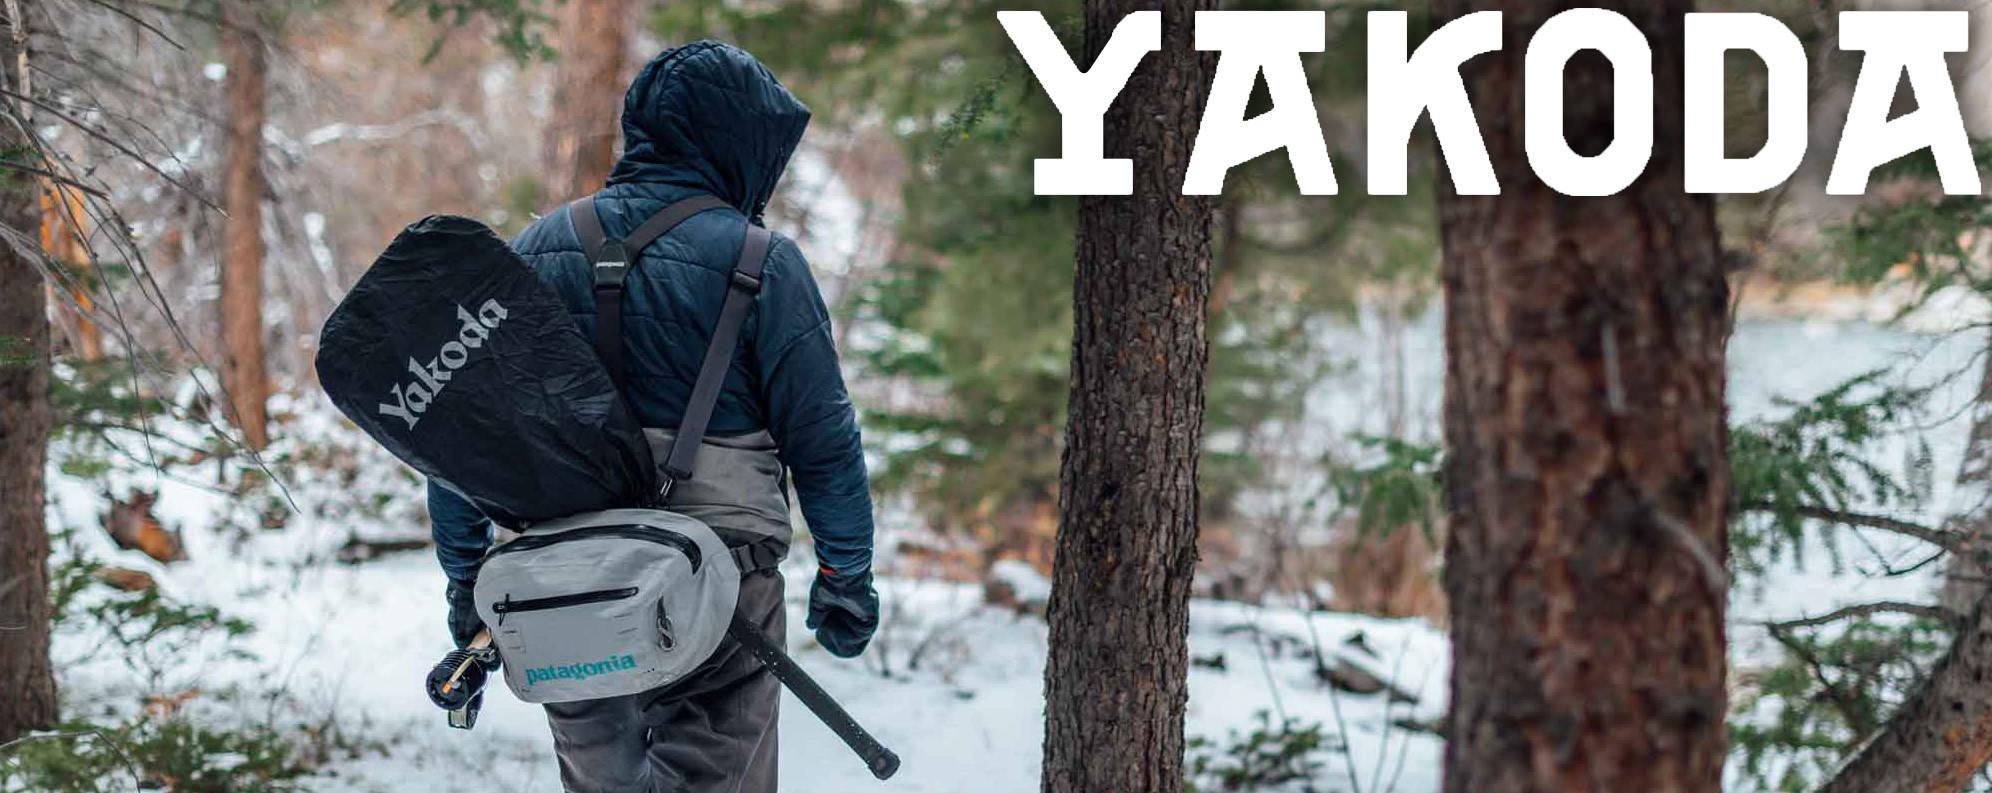 yakoda-brand-banner.jpg